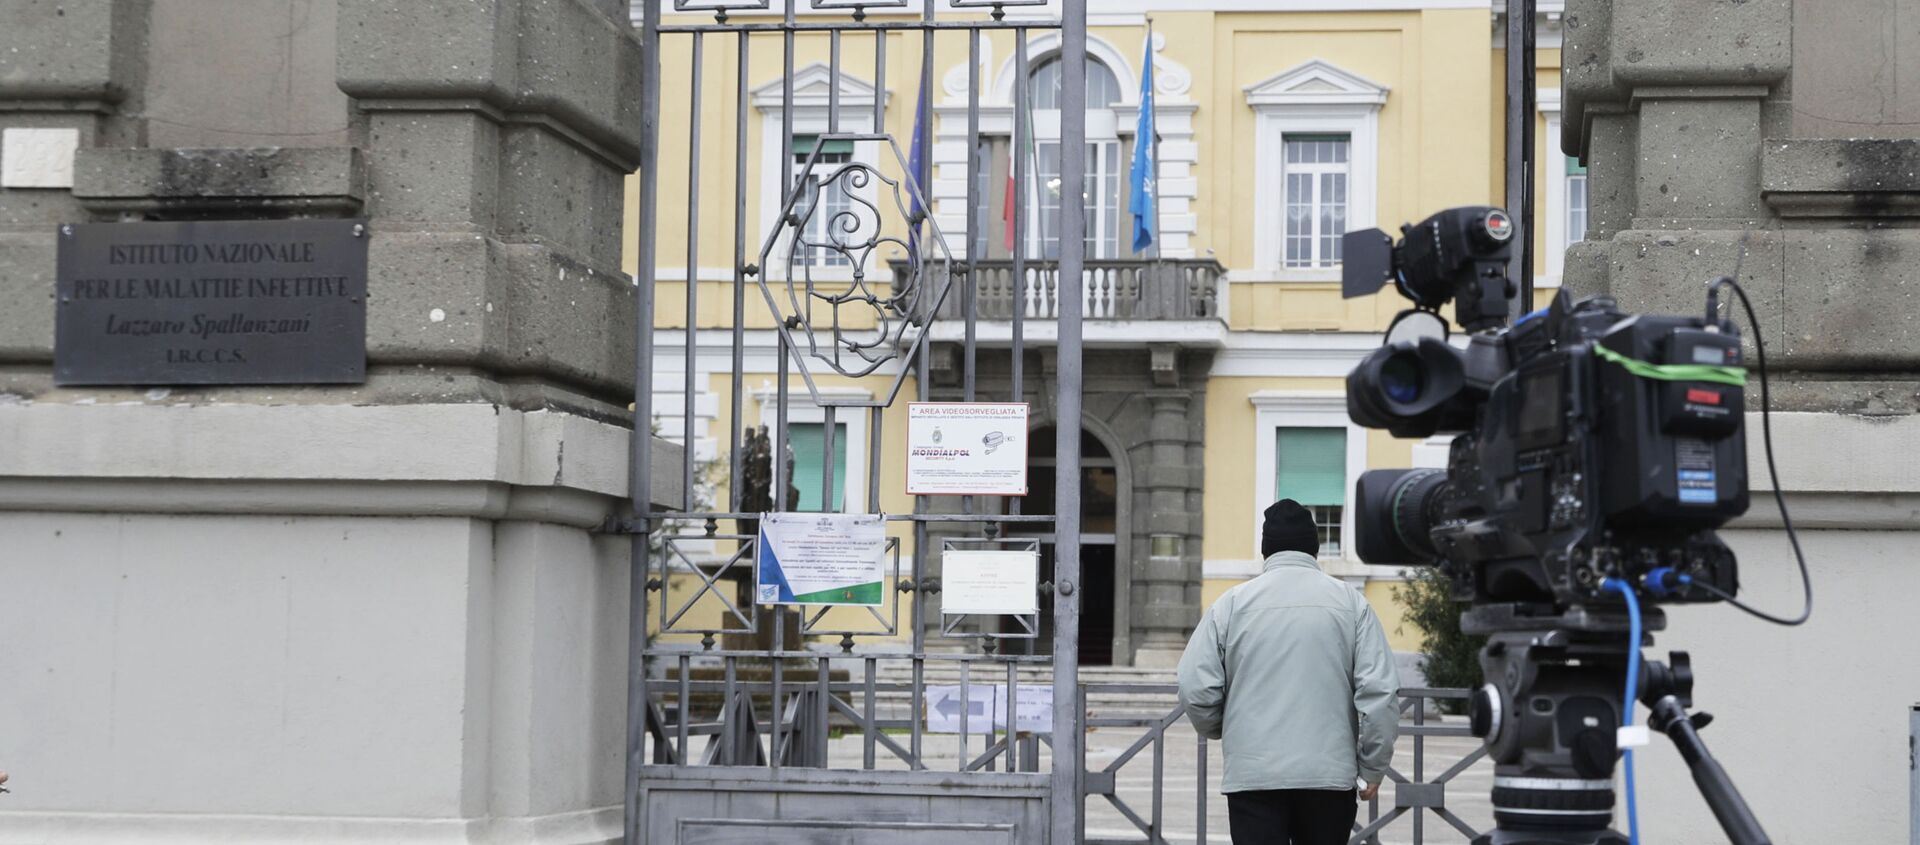 L'ospedale Lazzaro Spallanzani di Roma - Sputnik Italia, 1920, 20.03.2021